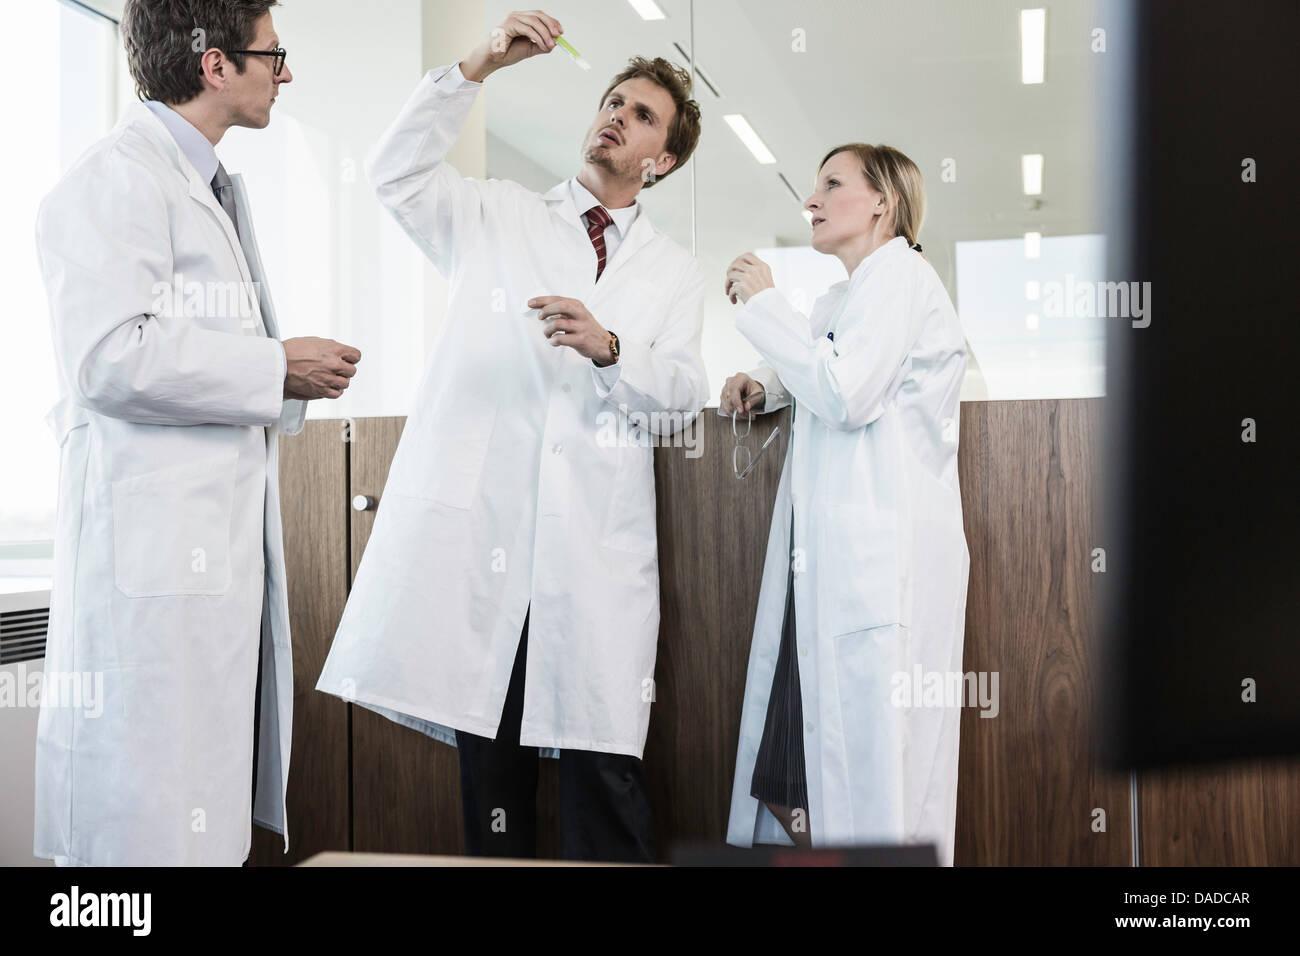 Tre persone che indossano camici da laboratorio guardando al tubo di prova Immagini Stock